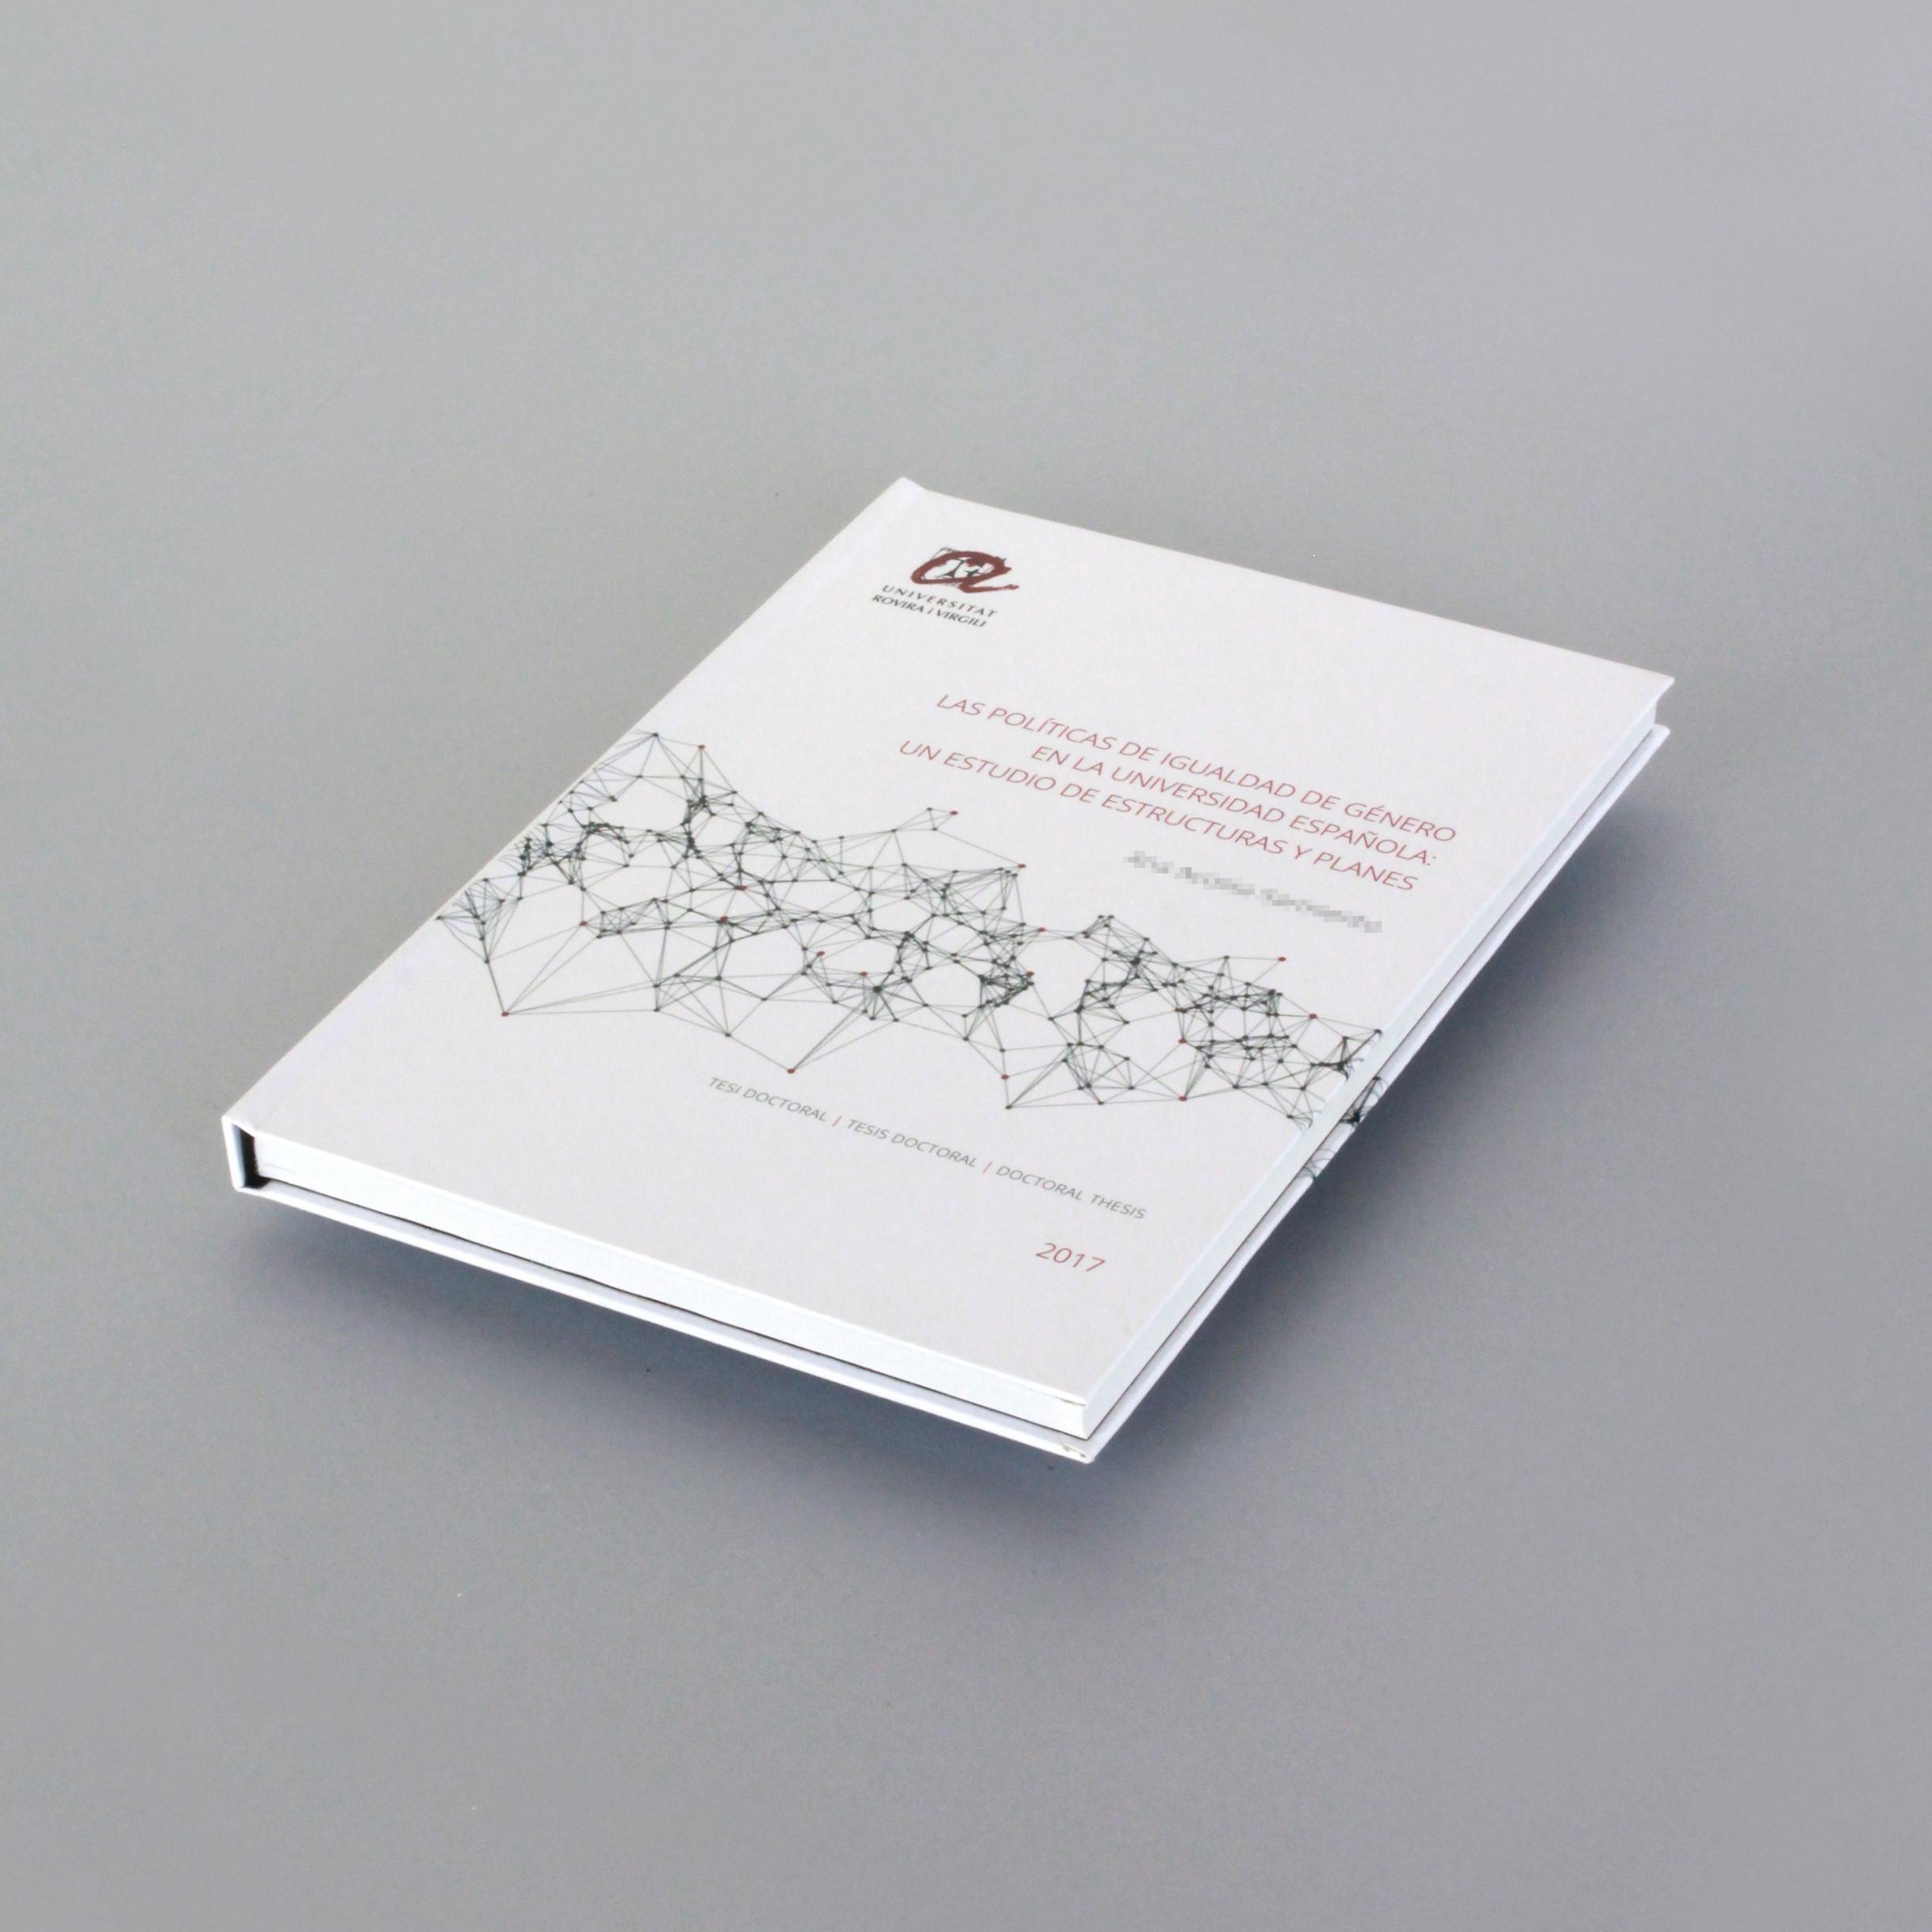 Tesis doctoral - Formato A4 · 256 págs · tapa dura plastificada acabado mate.La encuadernación es cosida. La más recomendable para un libro de lectura.